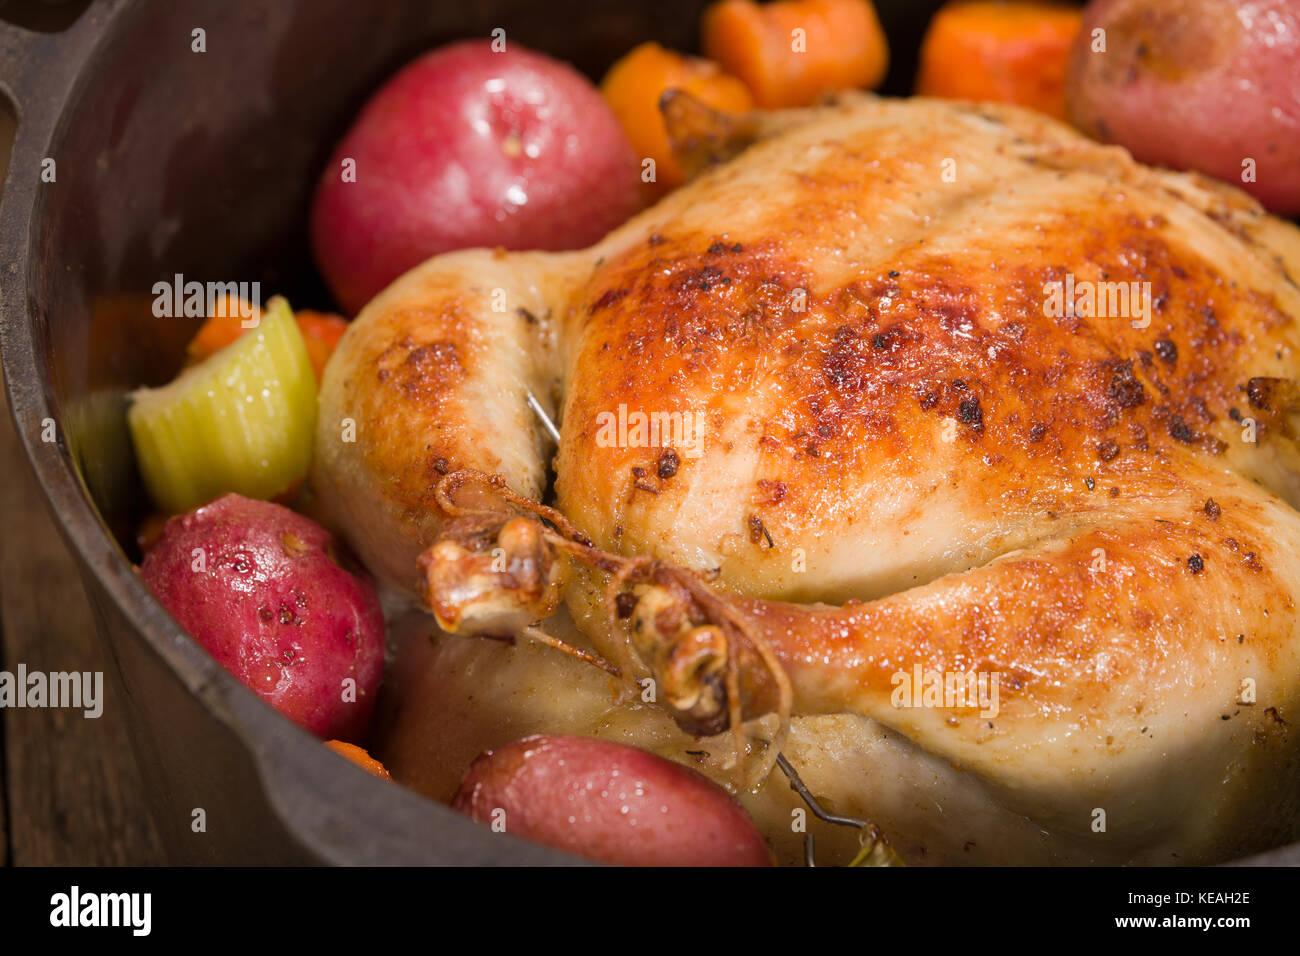 Im holländischen Stil gebratenes Huhn mit gebackenen rote Kartoffeln, Karotten und Sellerie, in einen gusseisernen Stockbild